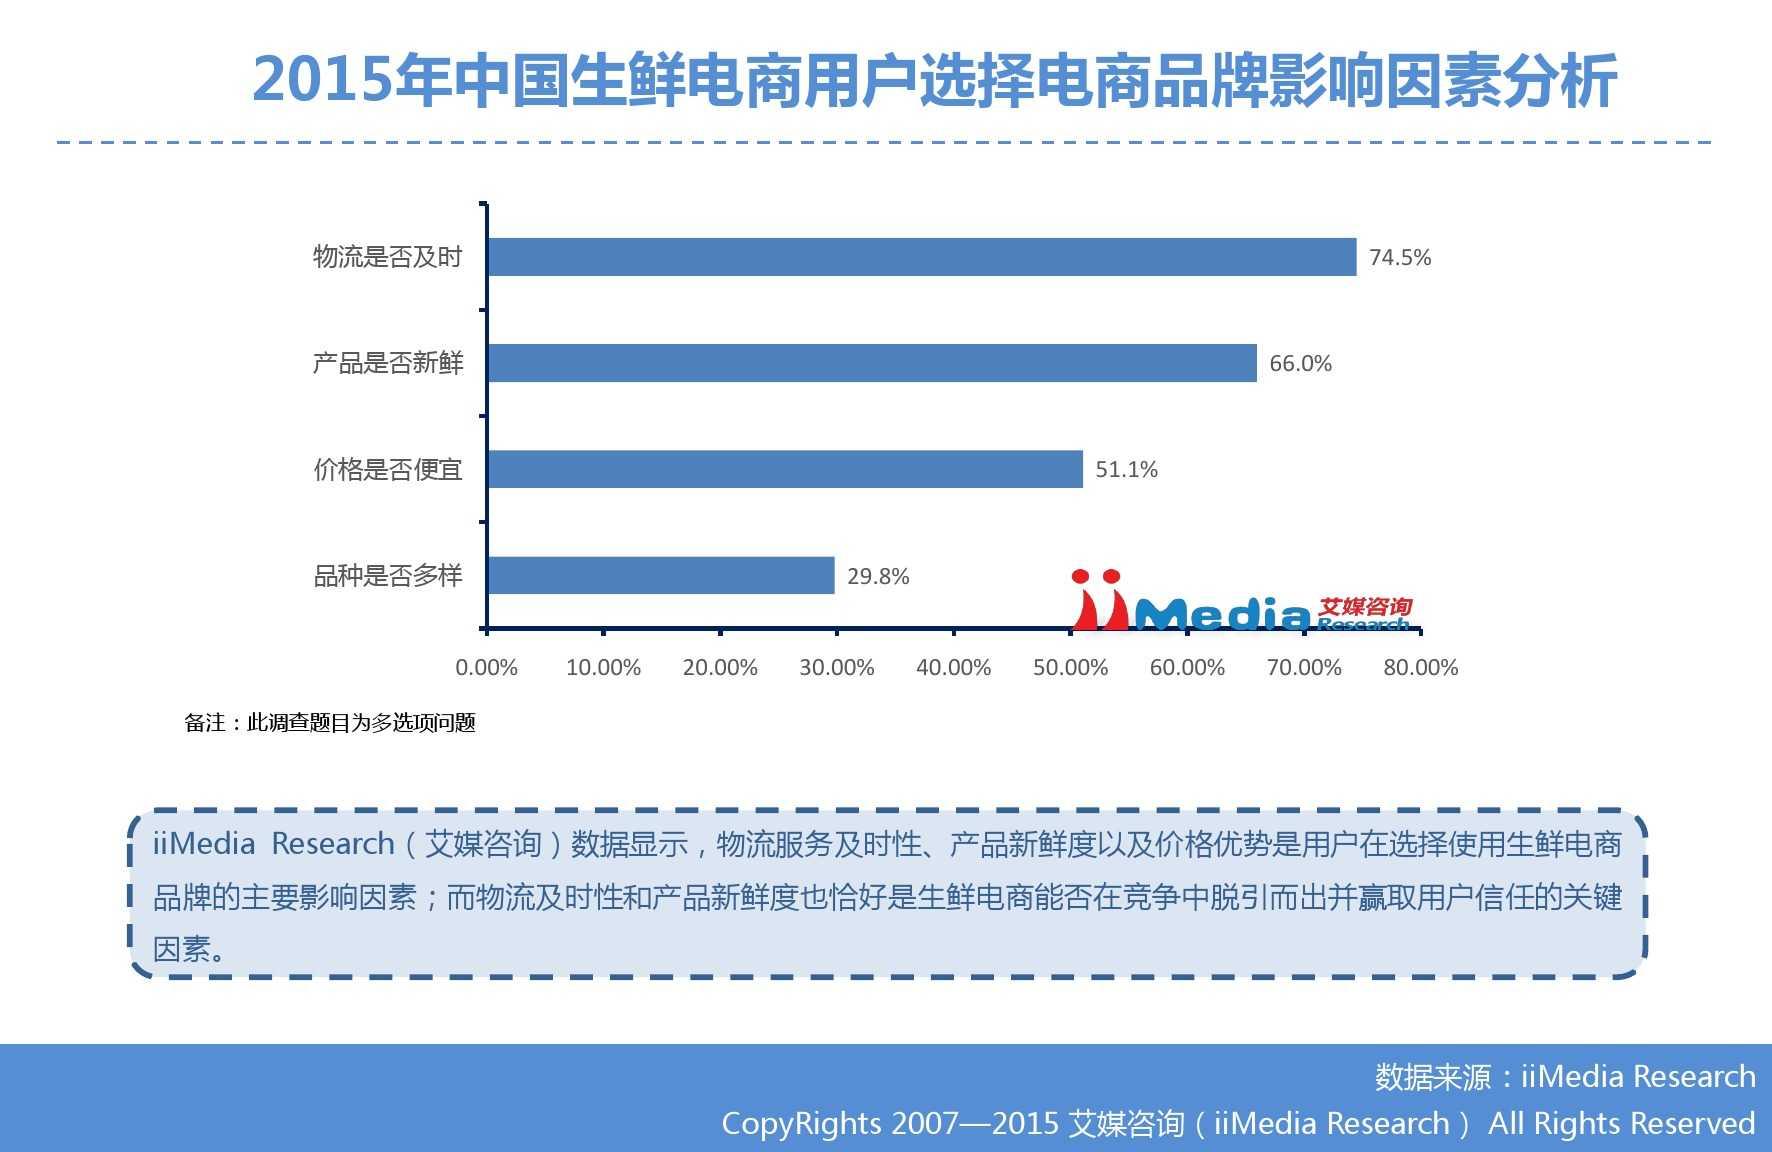 艾媒咨询:2015年中国生鲜电商市场研究报告_000025